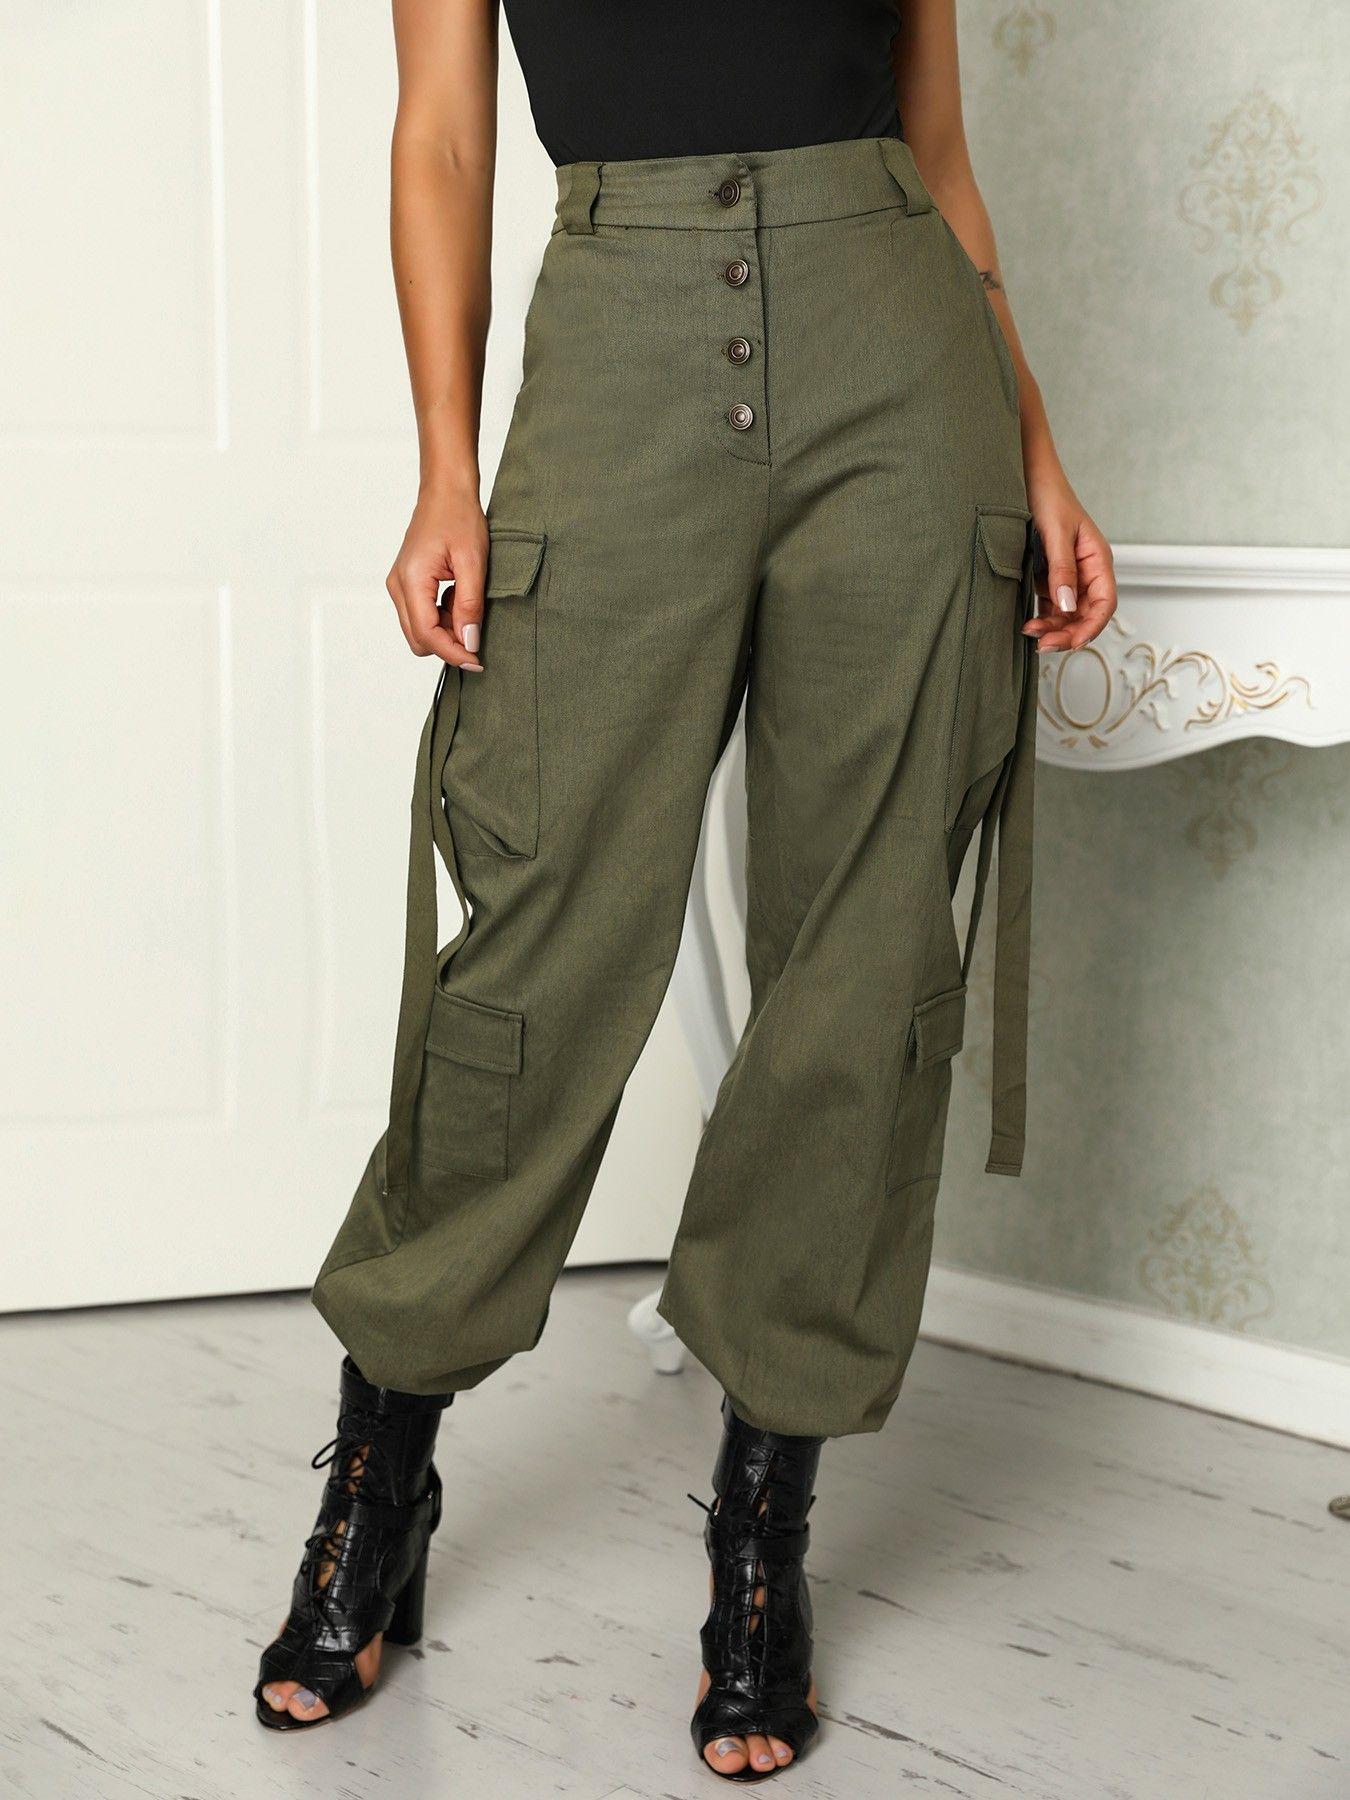 07dad96d2d01 Shop Button Pocket Design Elastic Hem Leisure Pants right now, get great  deals at Joyshoetique.